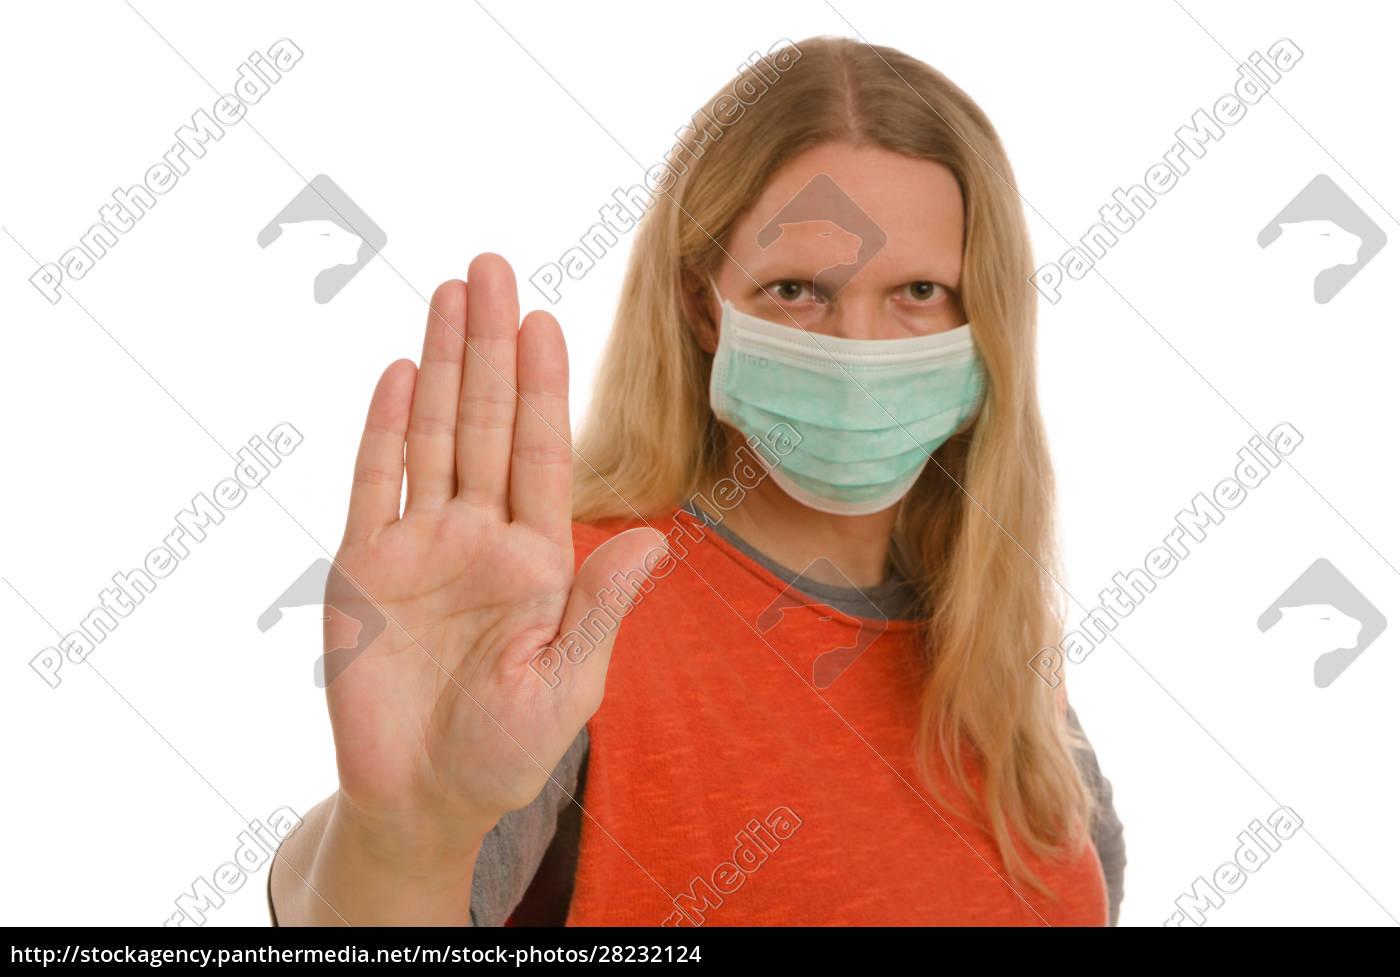 frau, mit, mundschutz, und, maske - 28232124